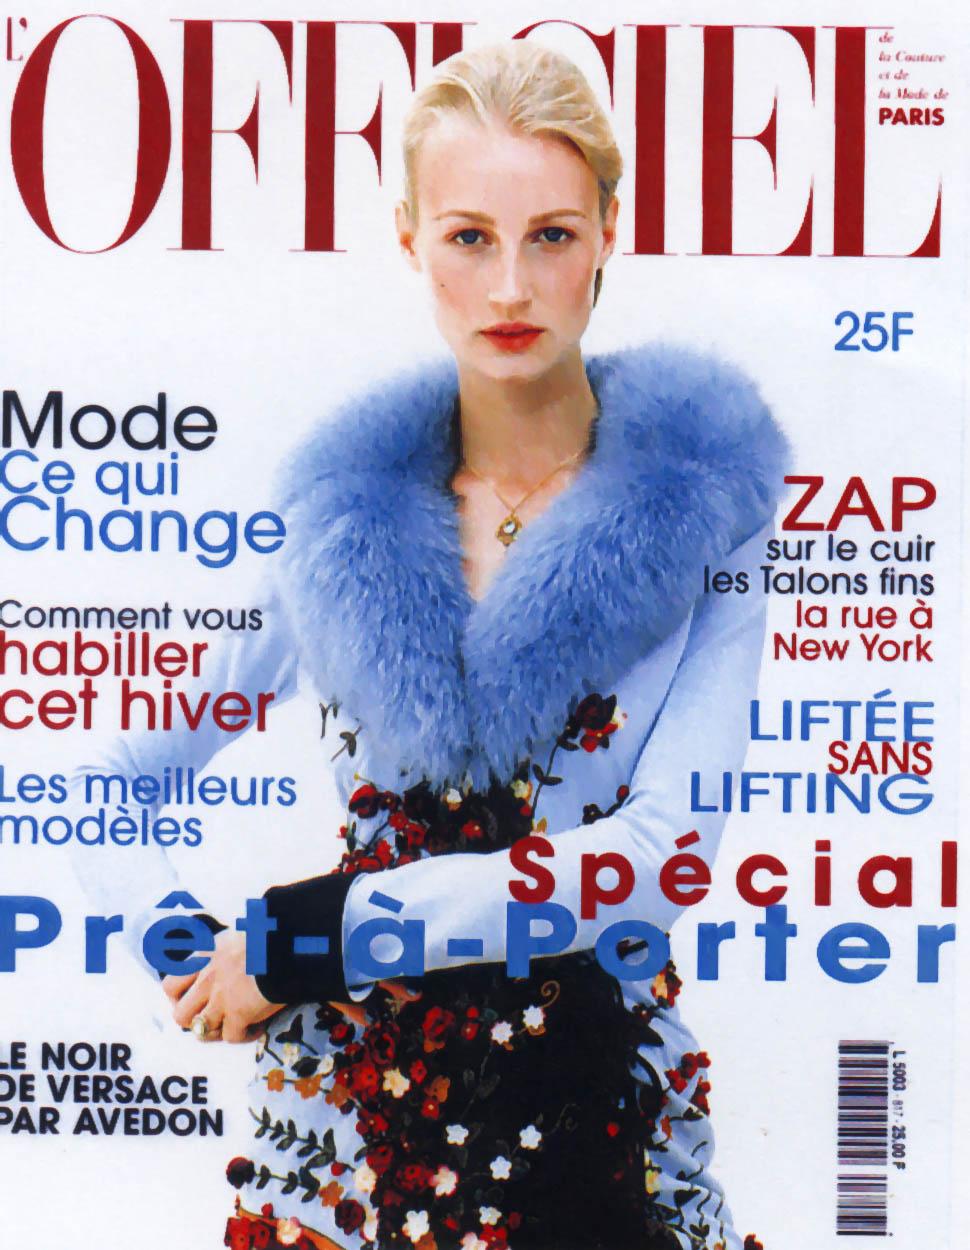 1997 L'OFFICIEL - Août97 - couve.jpg